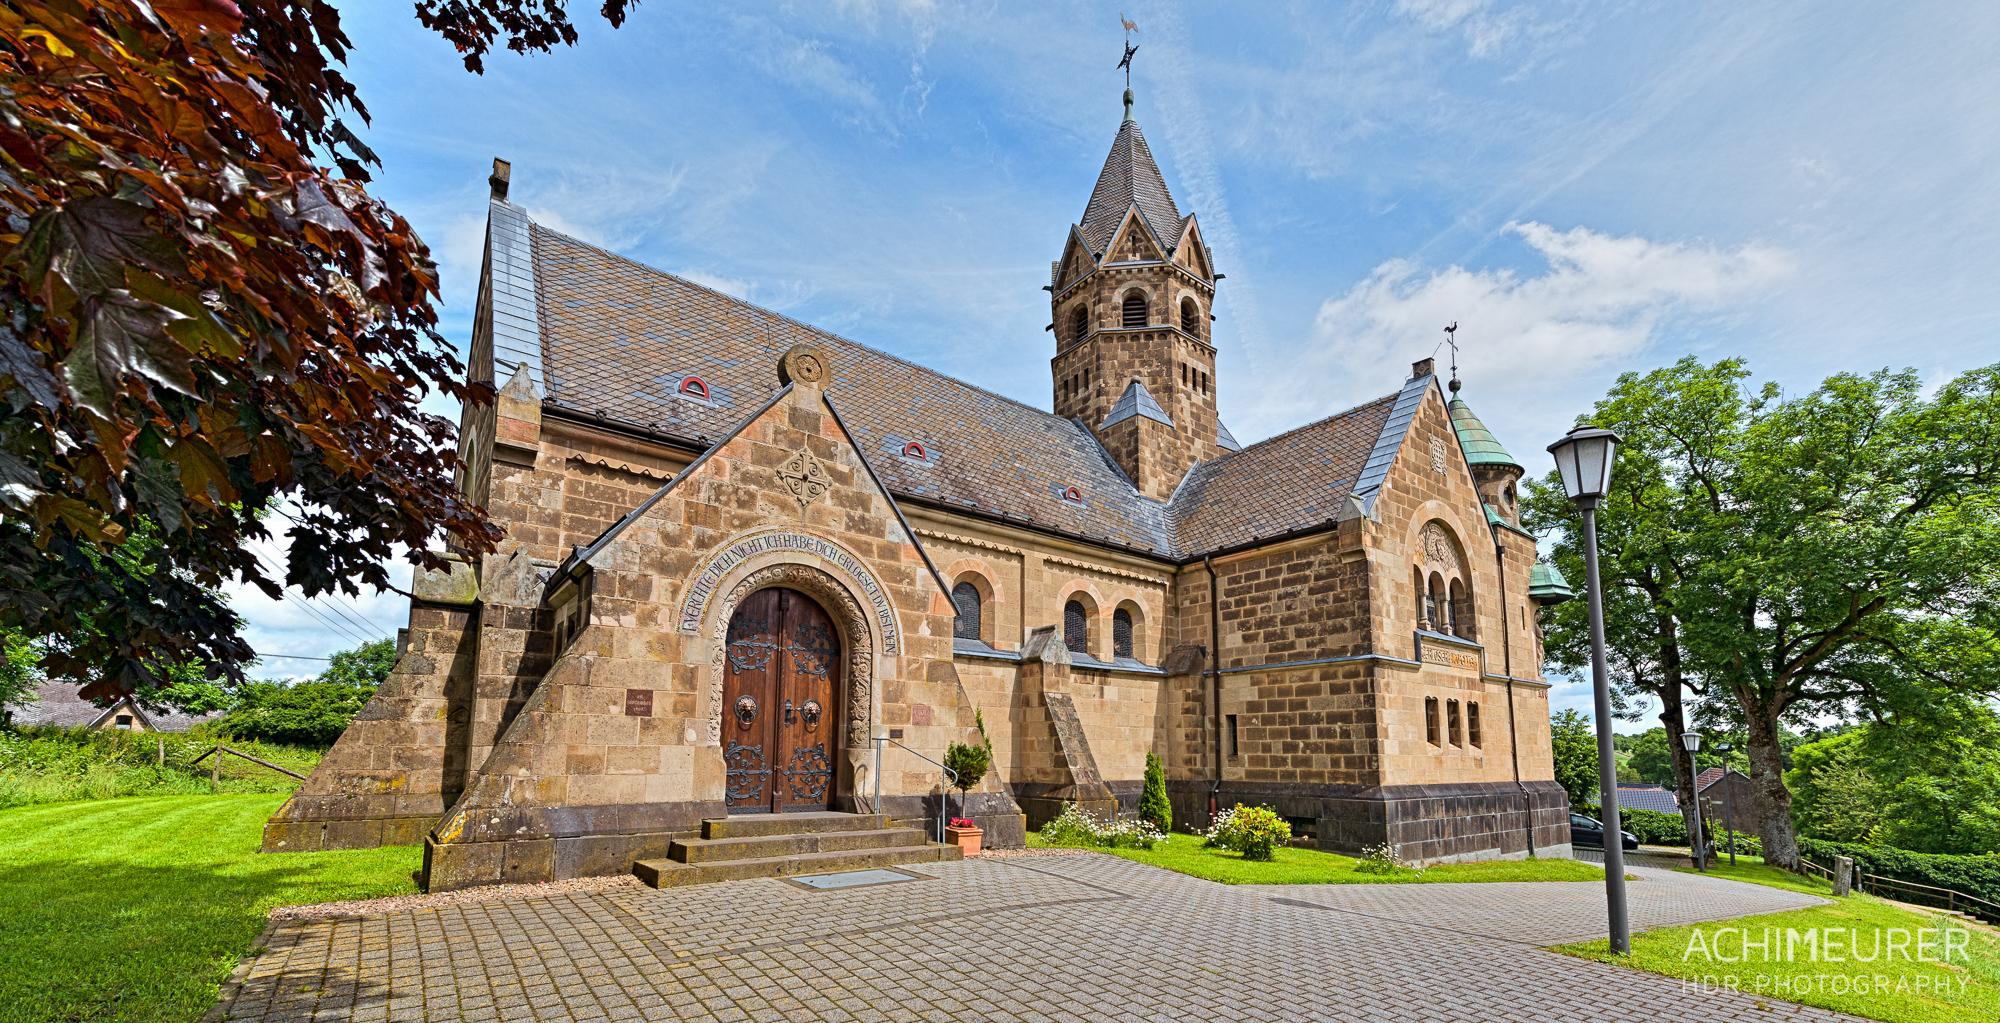 Eifel-Rheinland-Pfalz-Rureifel_5357_6_5_4_3_HDR